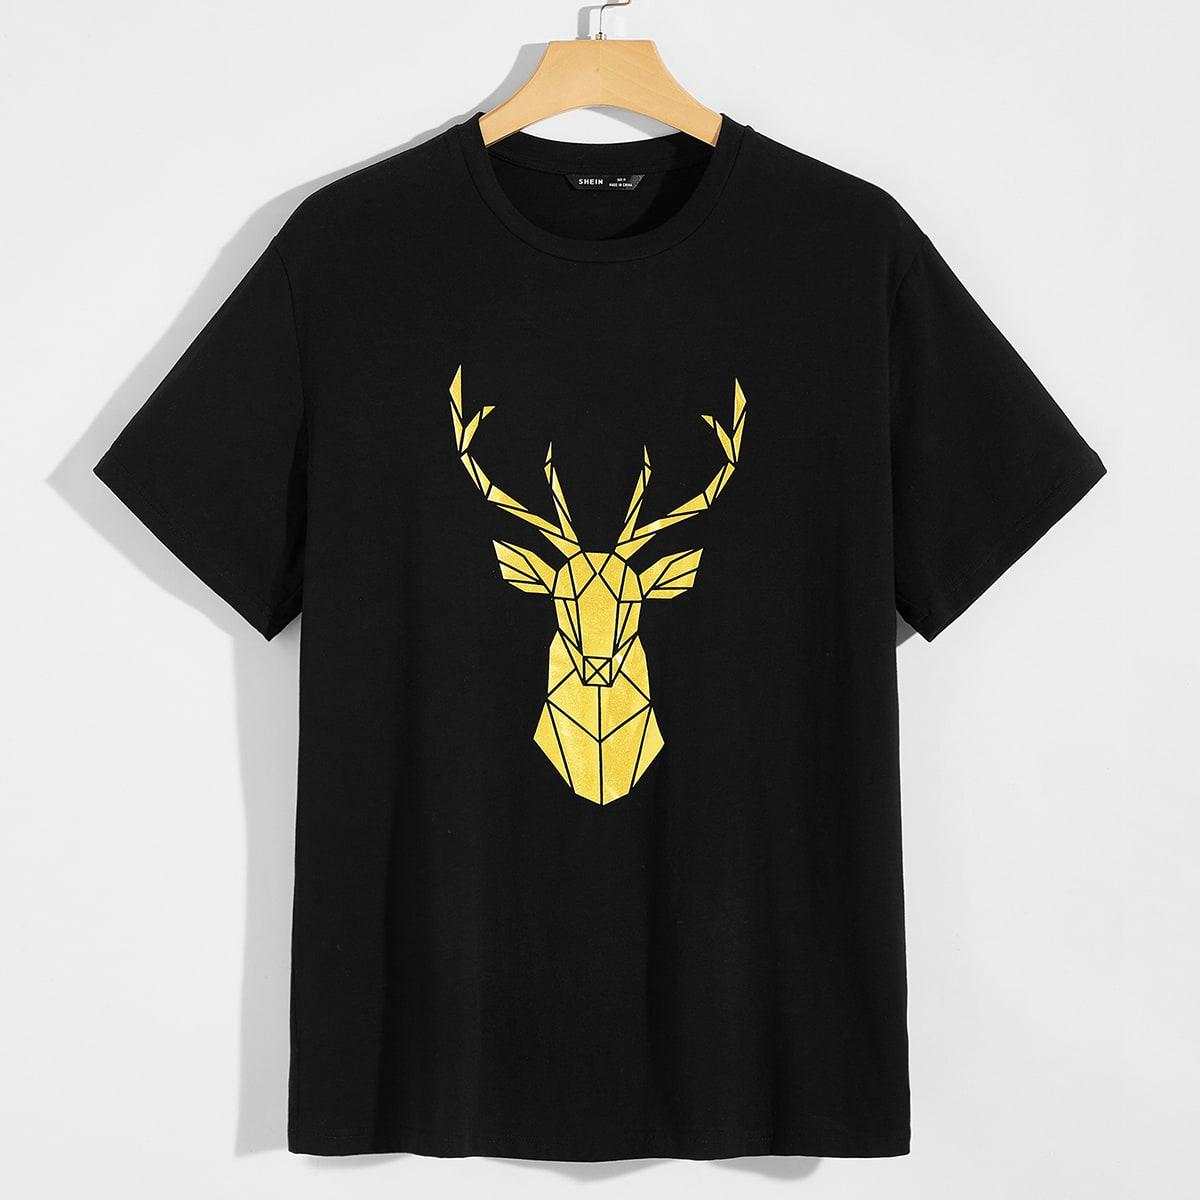 Мужская футболка с принтом лося